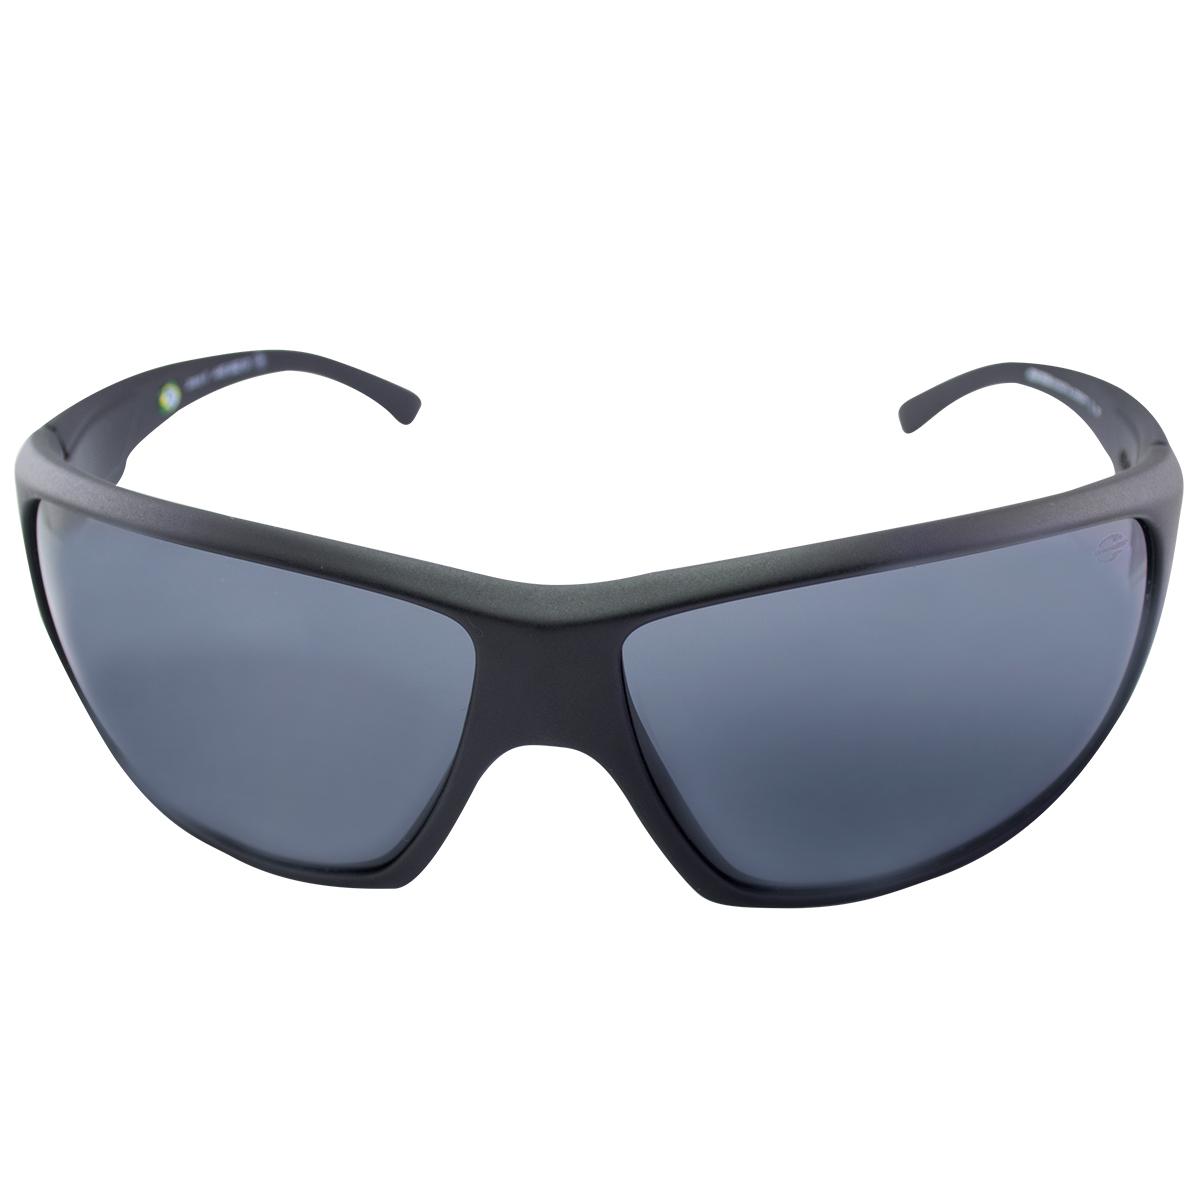 ... Óculos Mormaii Joaca 2 Preto Fosco  Lentes Cinza Logo Laranja ... 8e300826ad